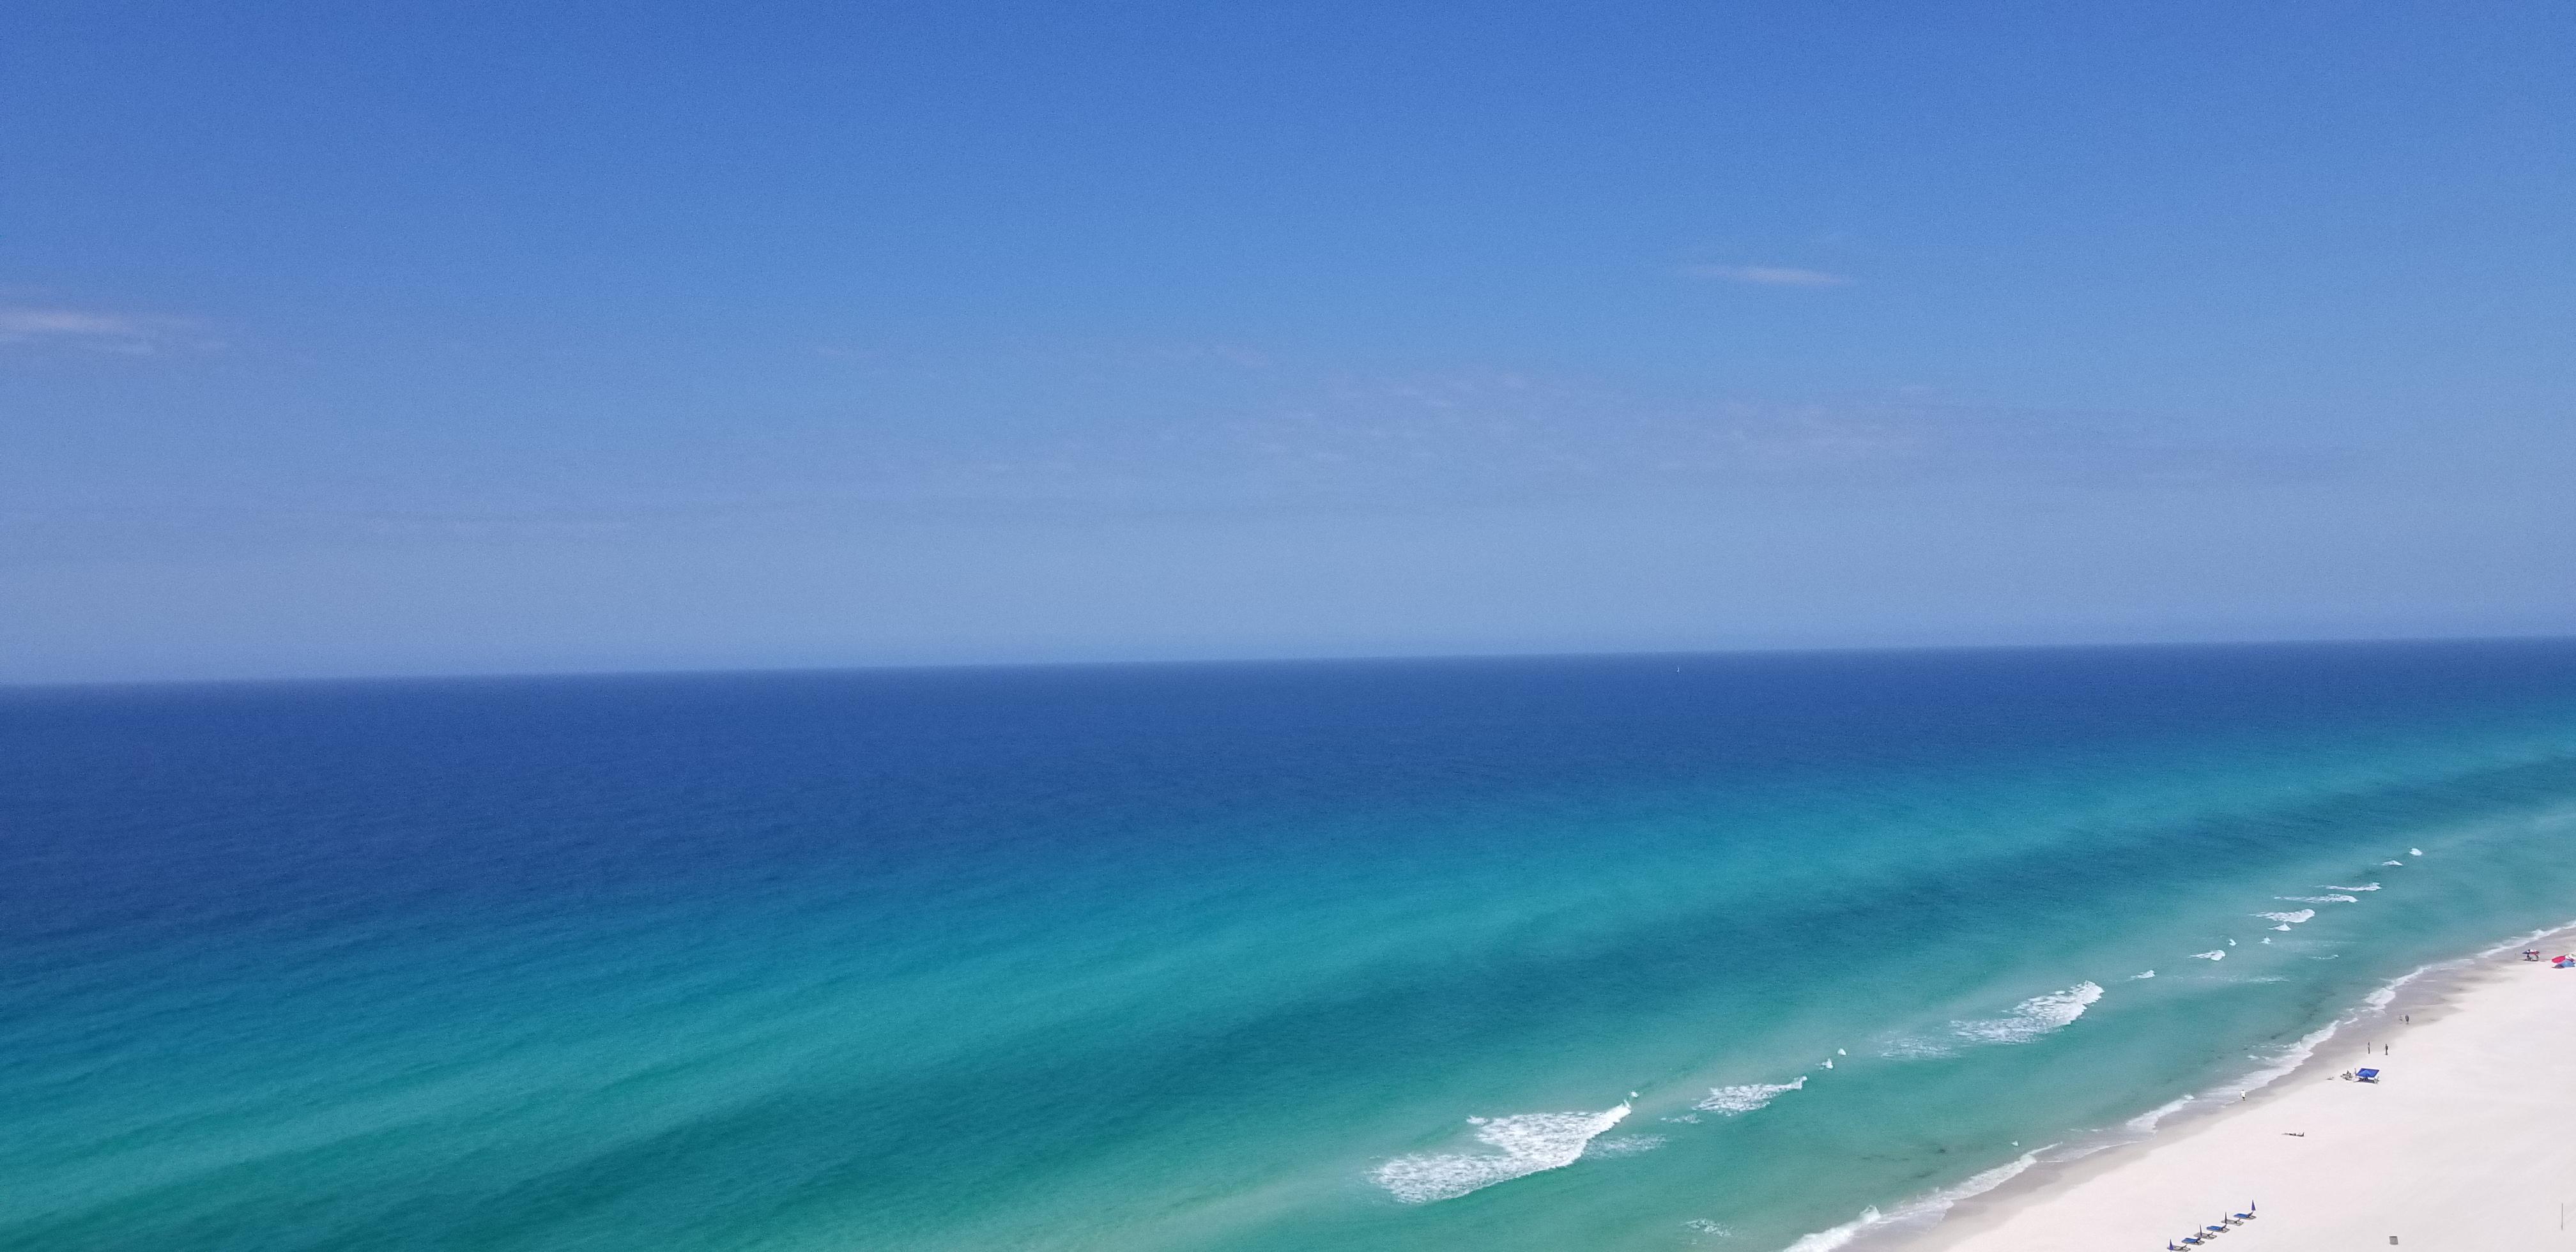 Now, that's a BEACH!